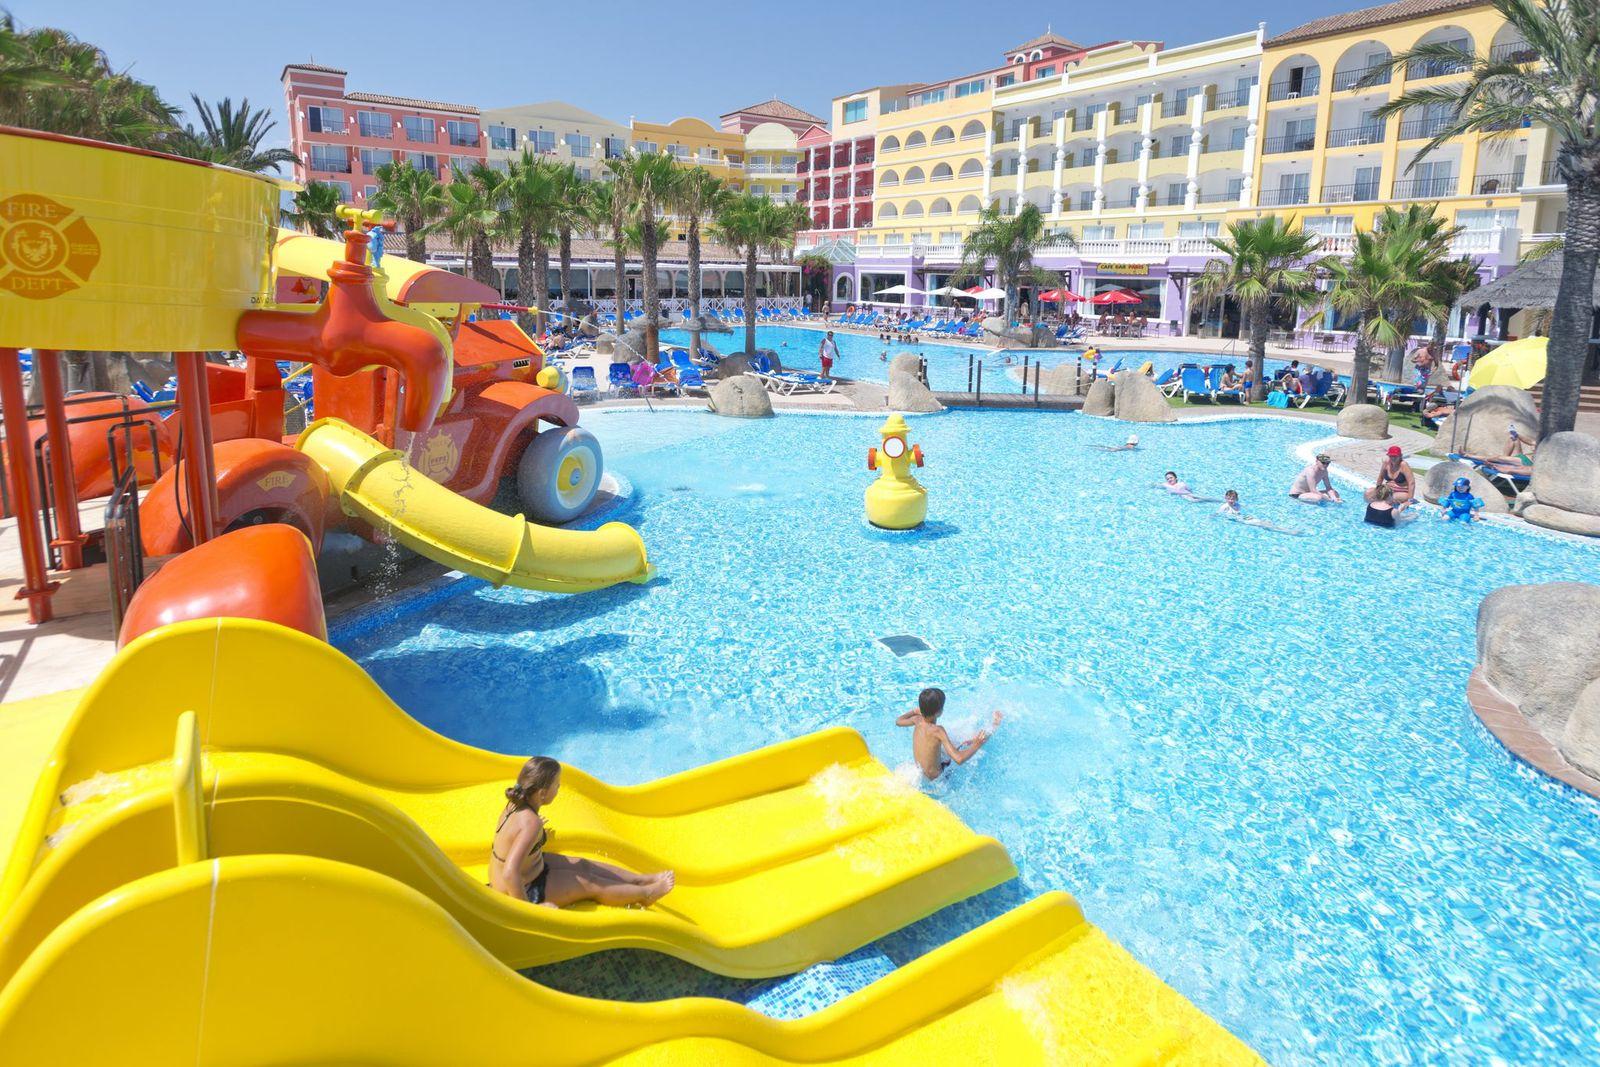 Hoteles para ni os hoteles para ir con ni os de for Hoteles en conil con piscina